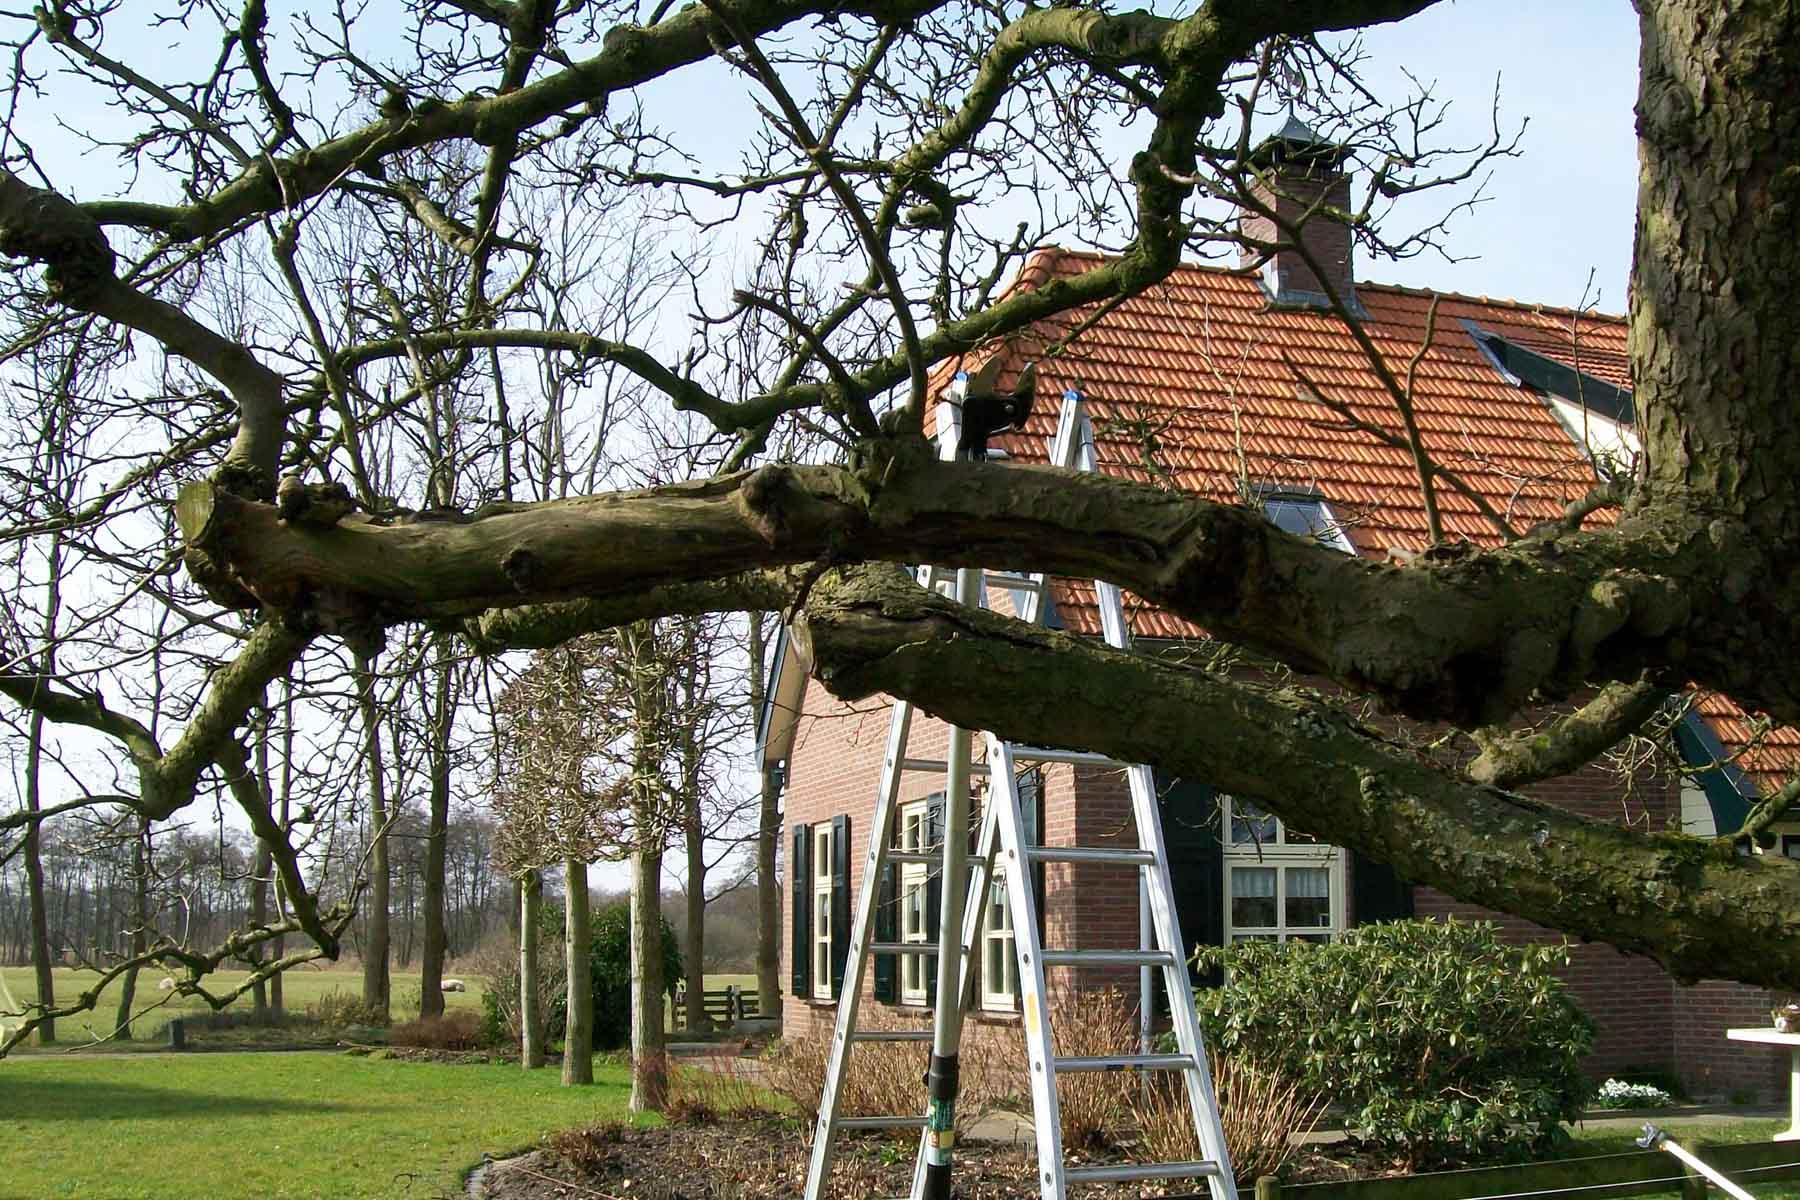 2011-03-12-hsb-wanneperveen-019